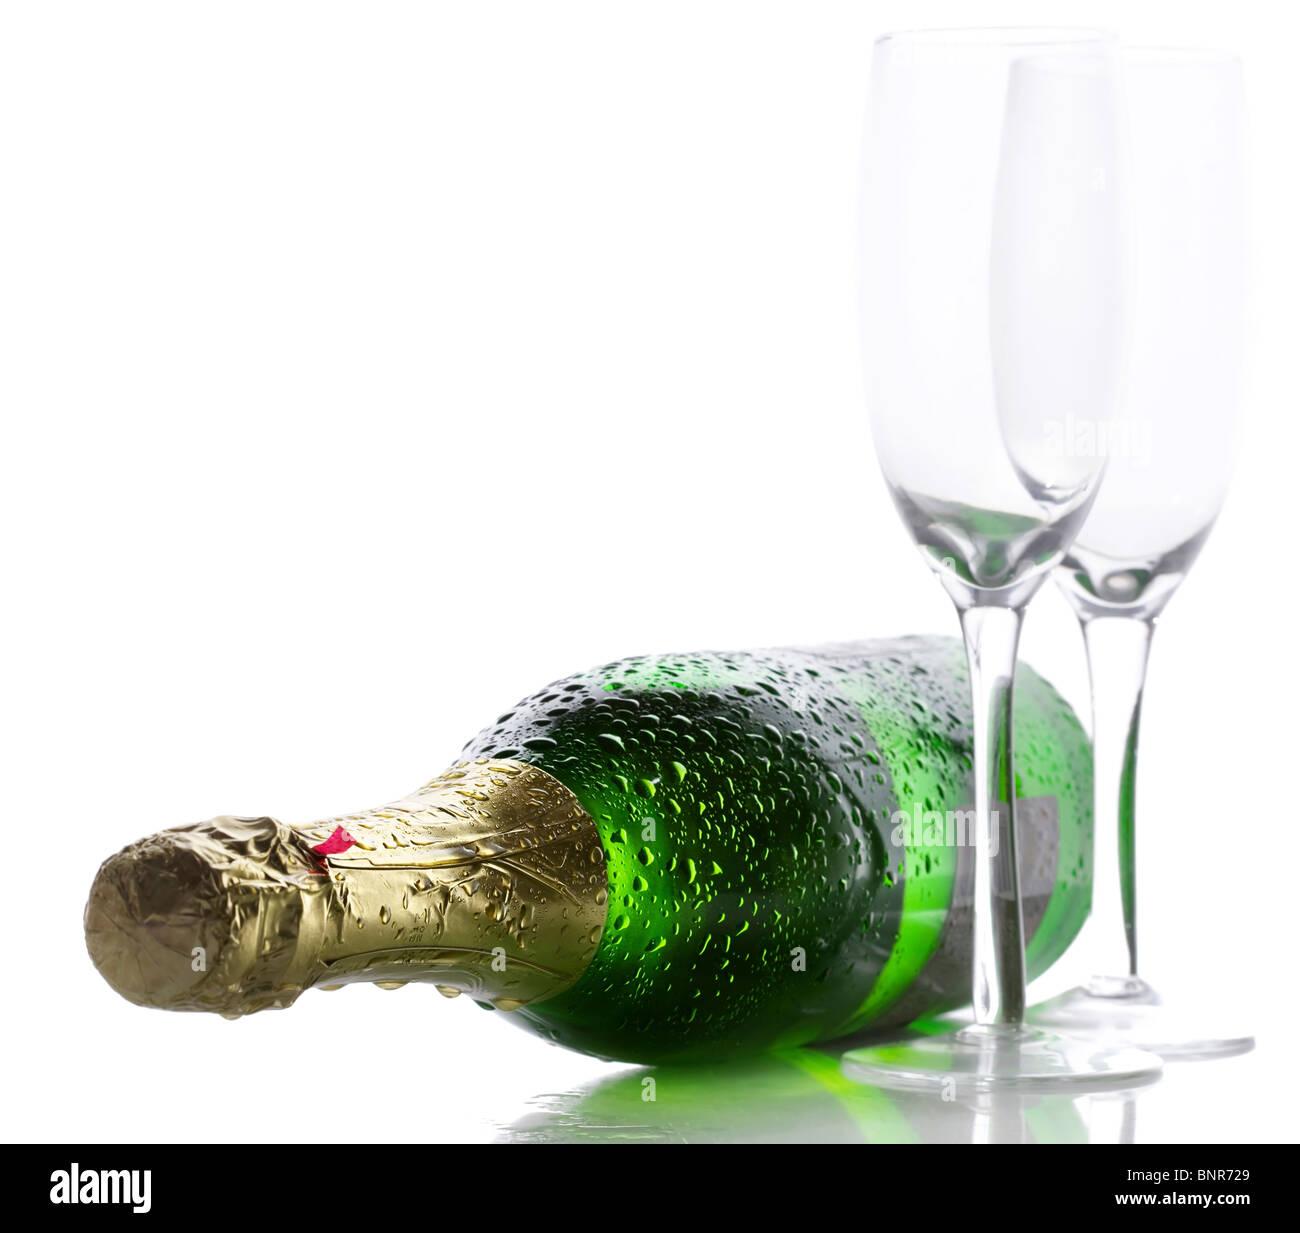 Bouteille de champagne humide froid avec deux verres vides Photo Stock